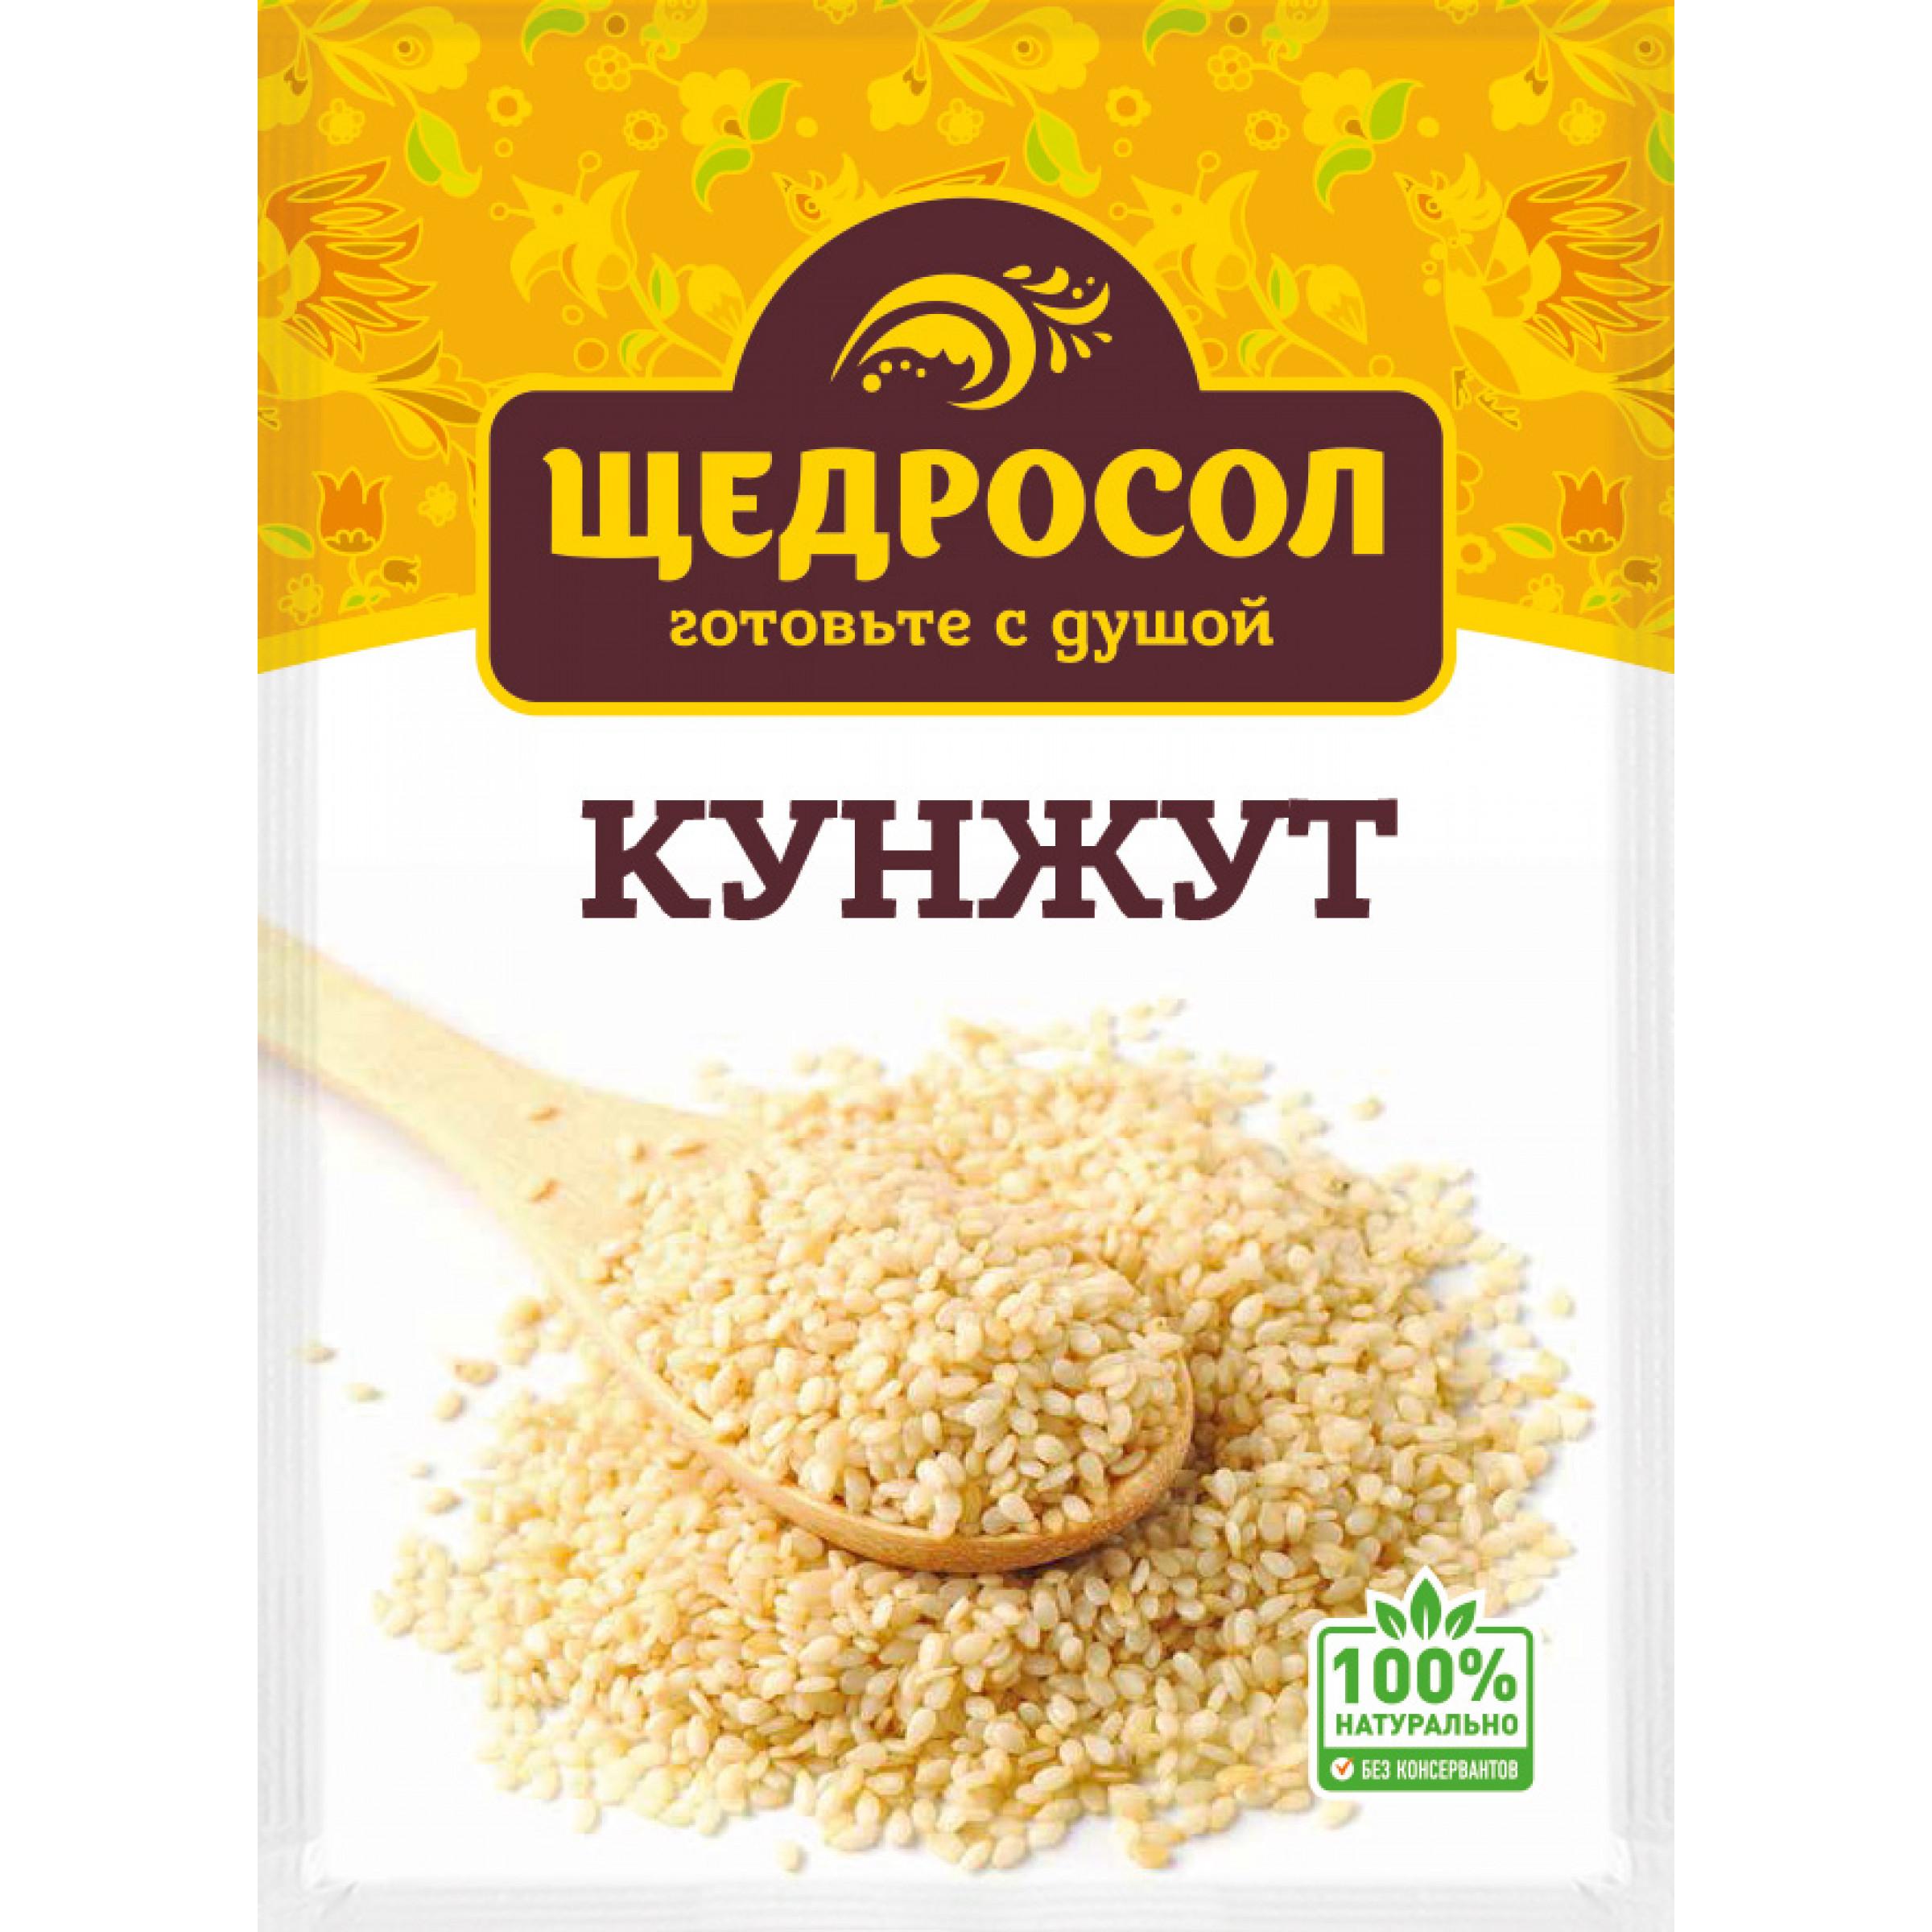 Кунжут, Щедросол, 10 гр